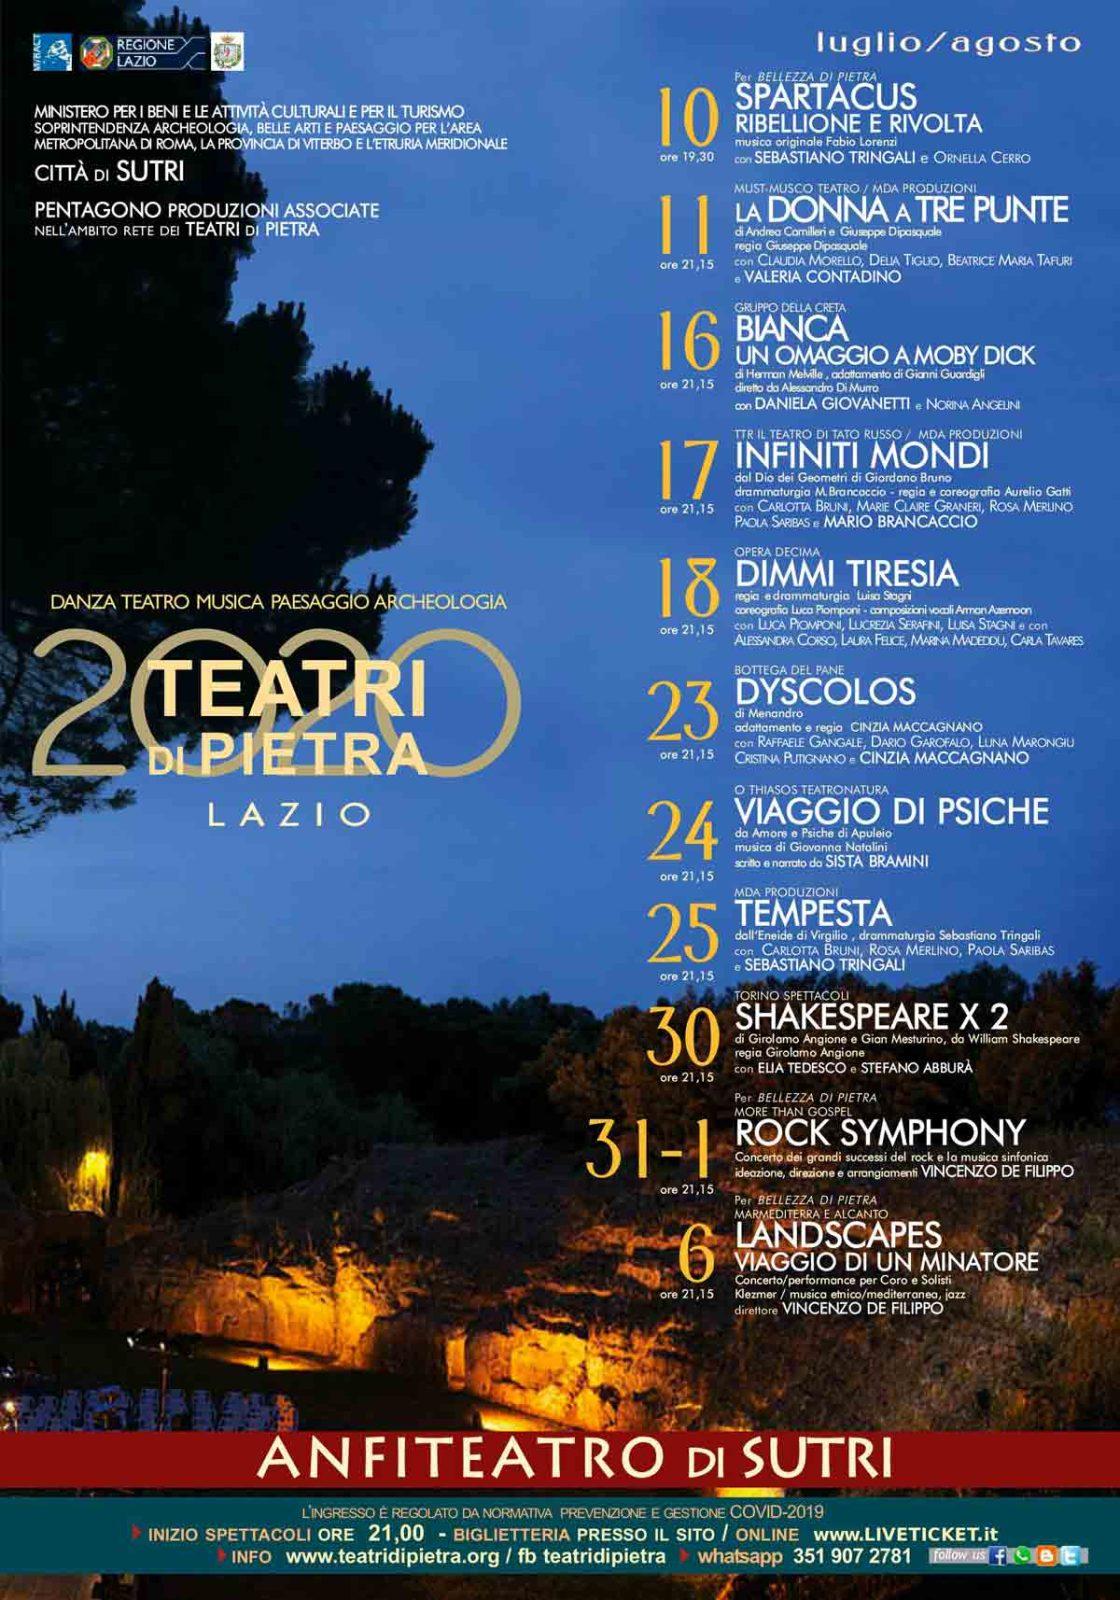 Programma Teatri di Pietra 2020 - Città di Sutri